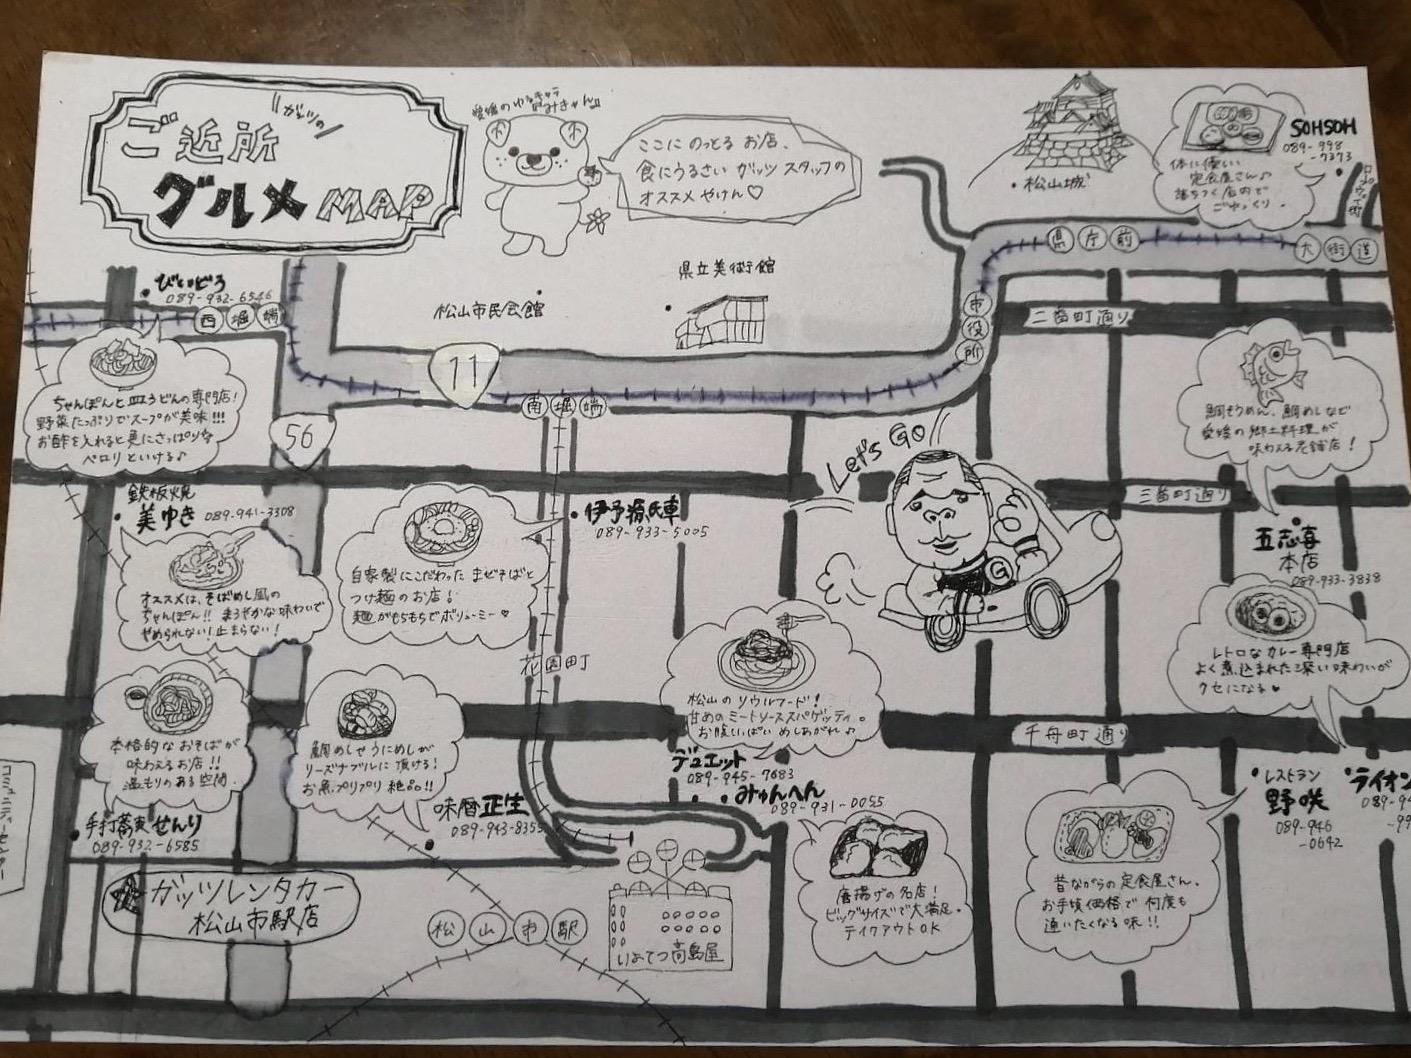 【松山市駅店】松山市駅店周辺のおすすめグルメMAP